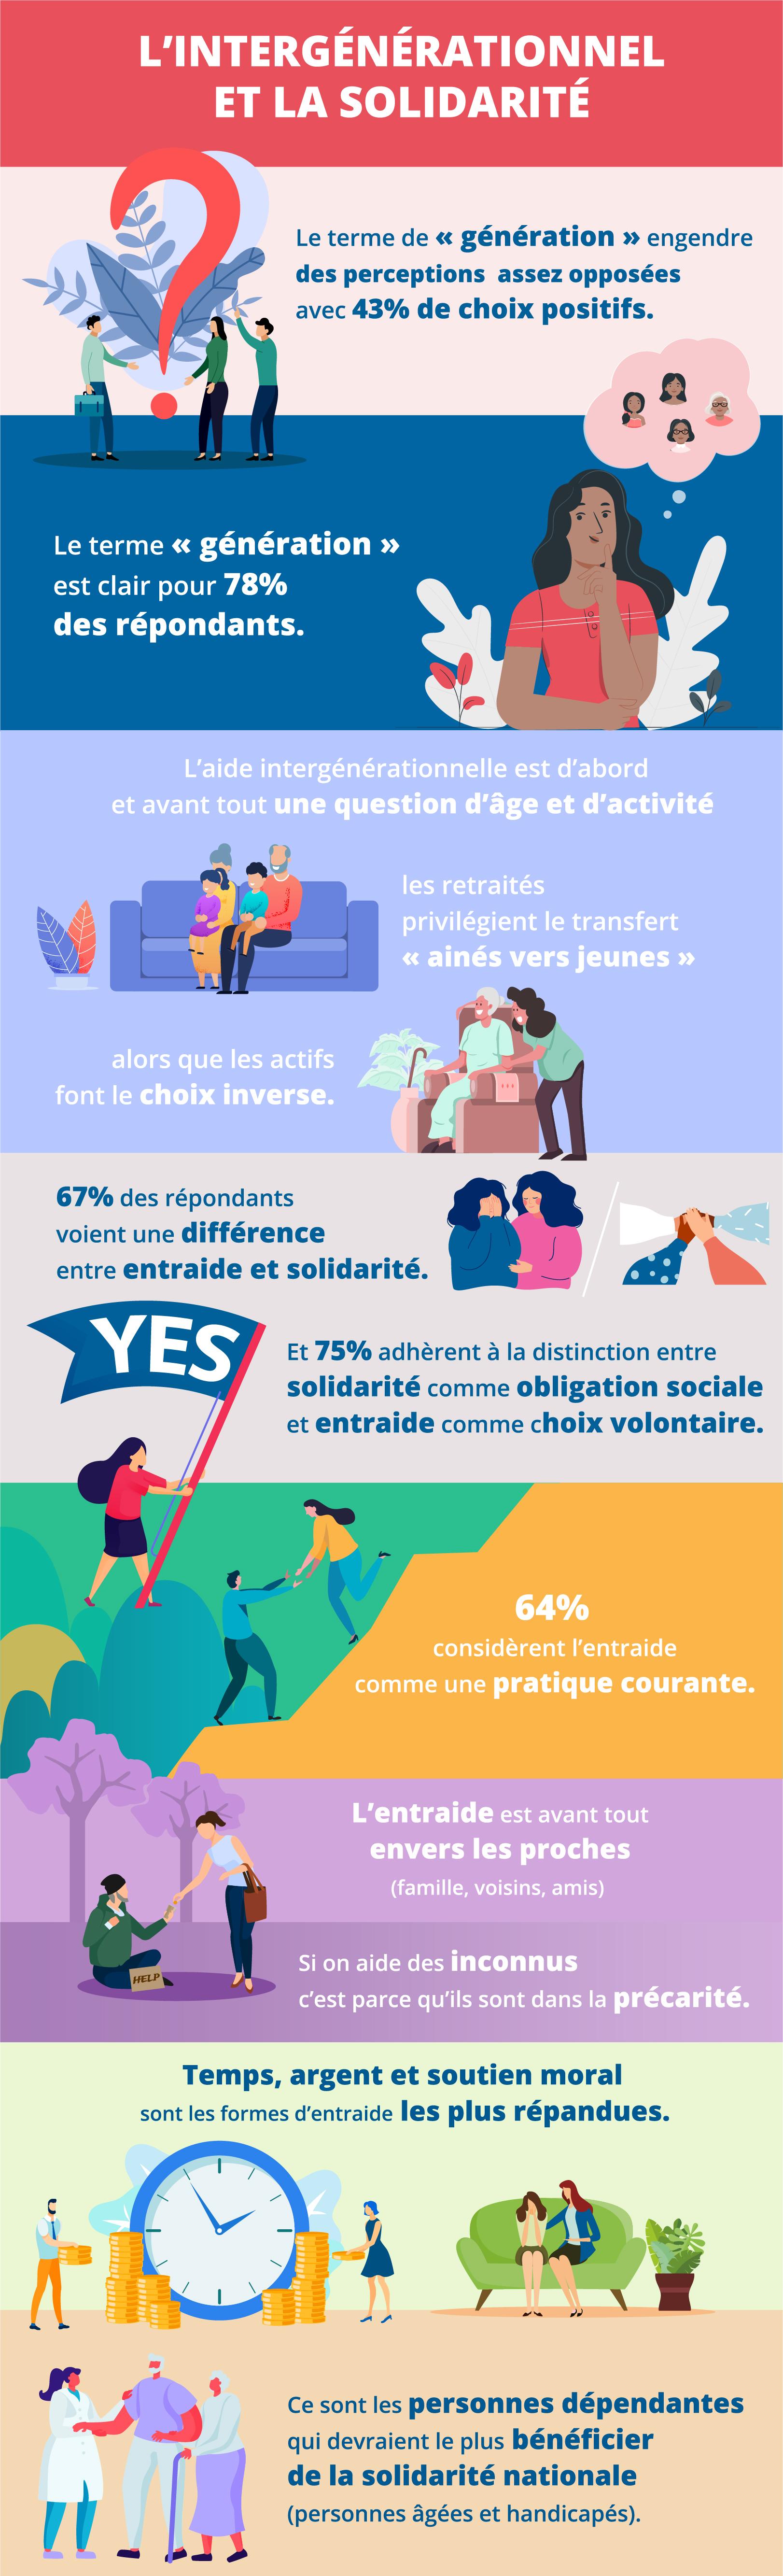 L'intergénérationnel et la solidarité